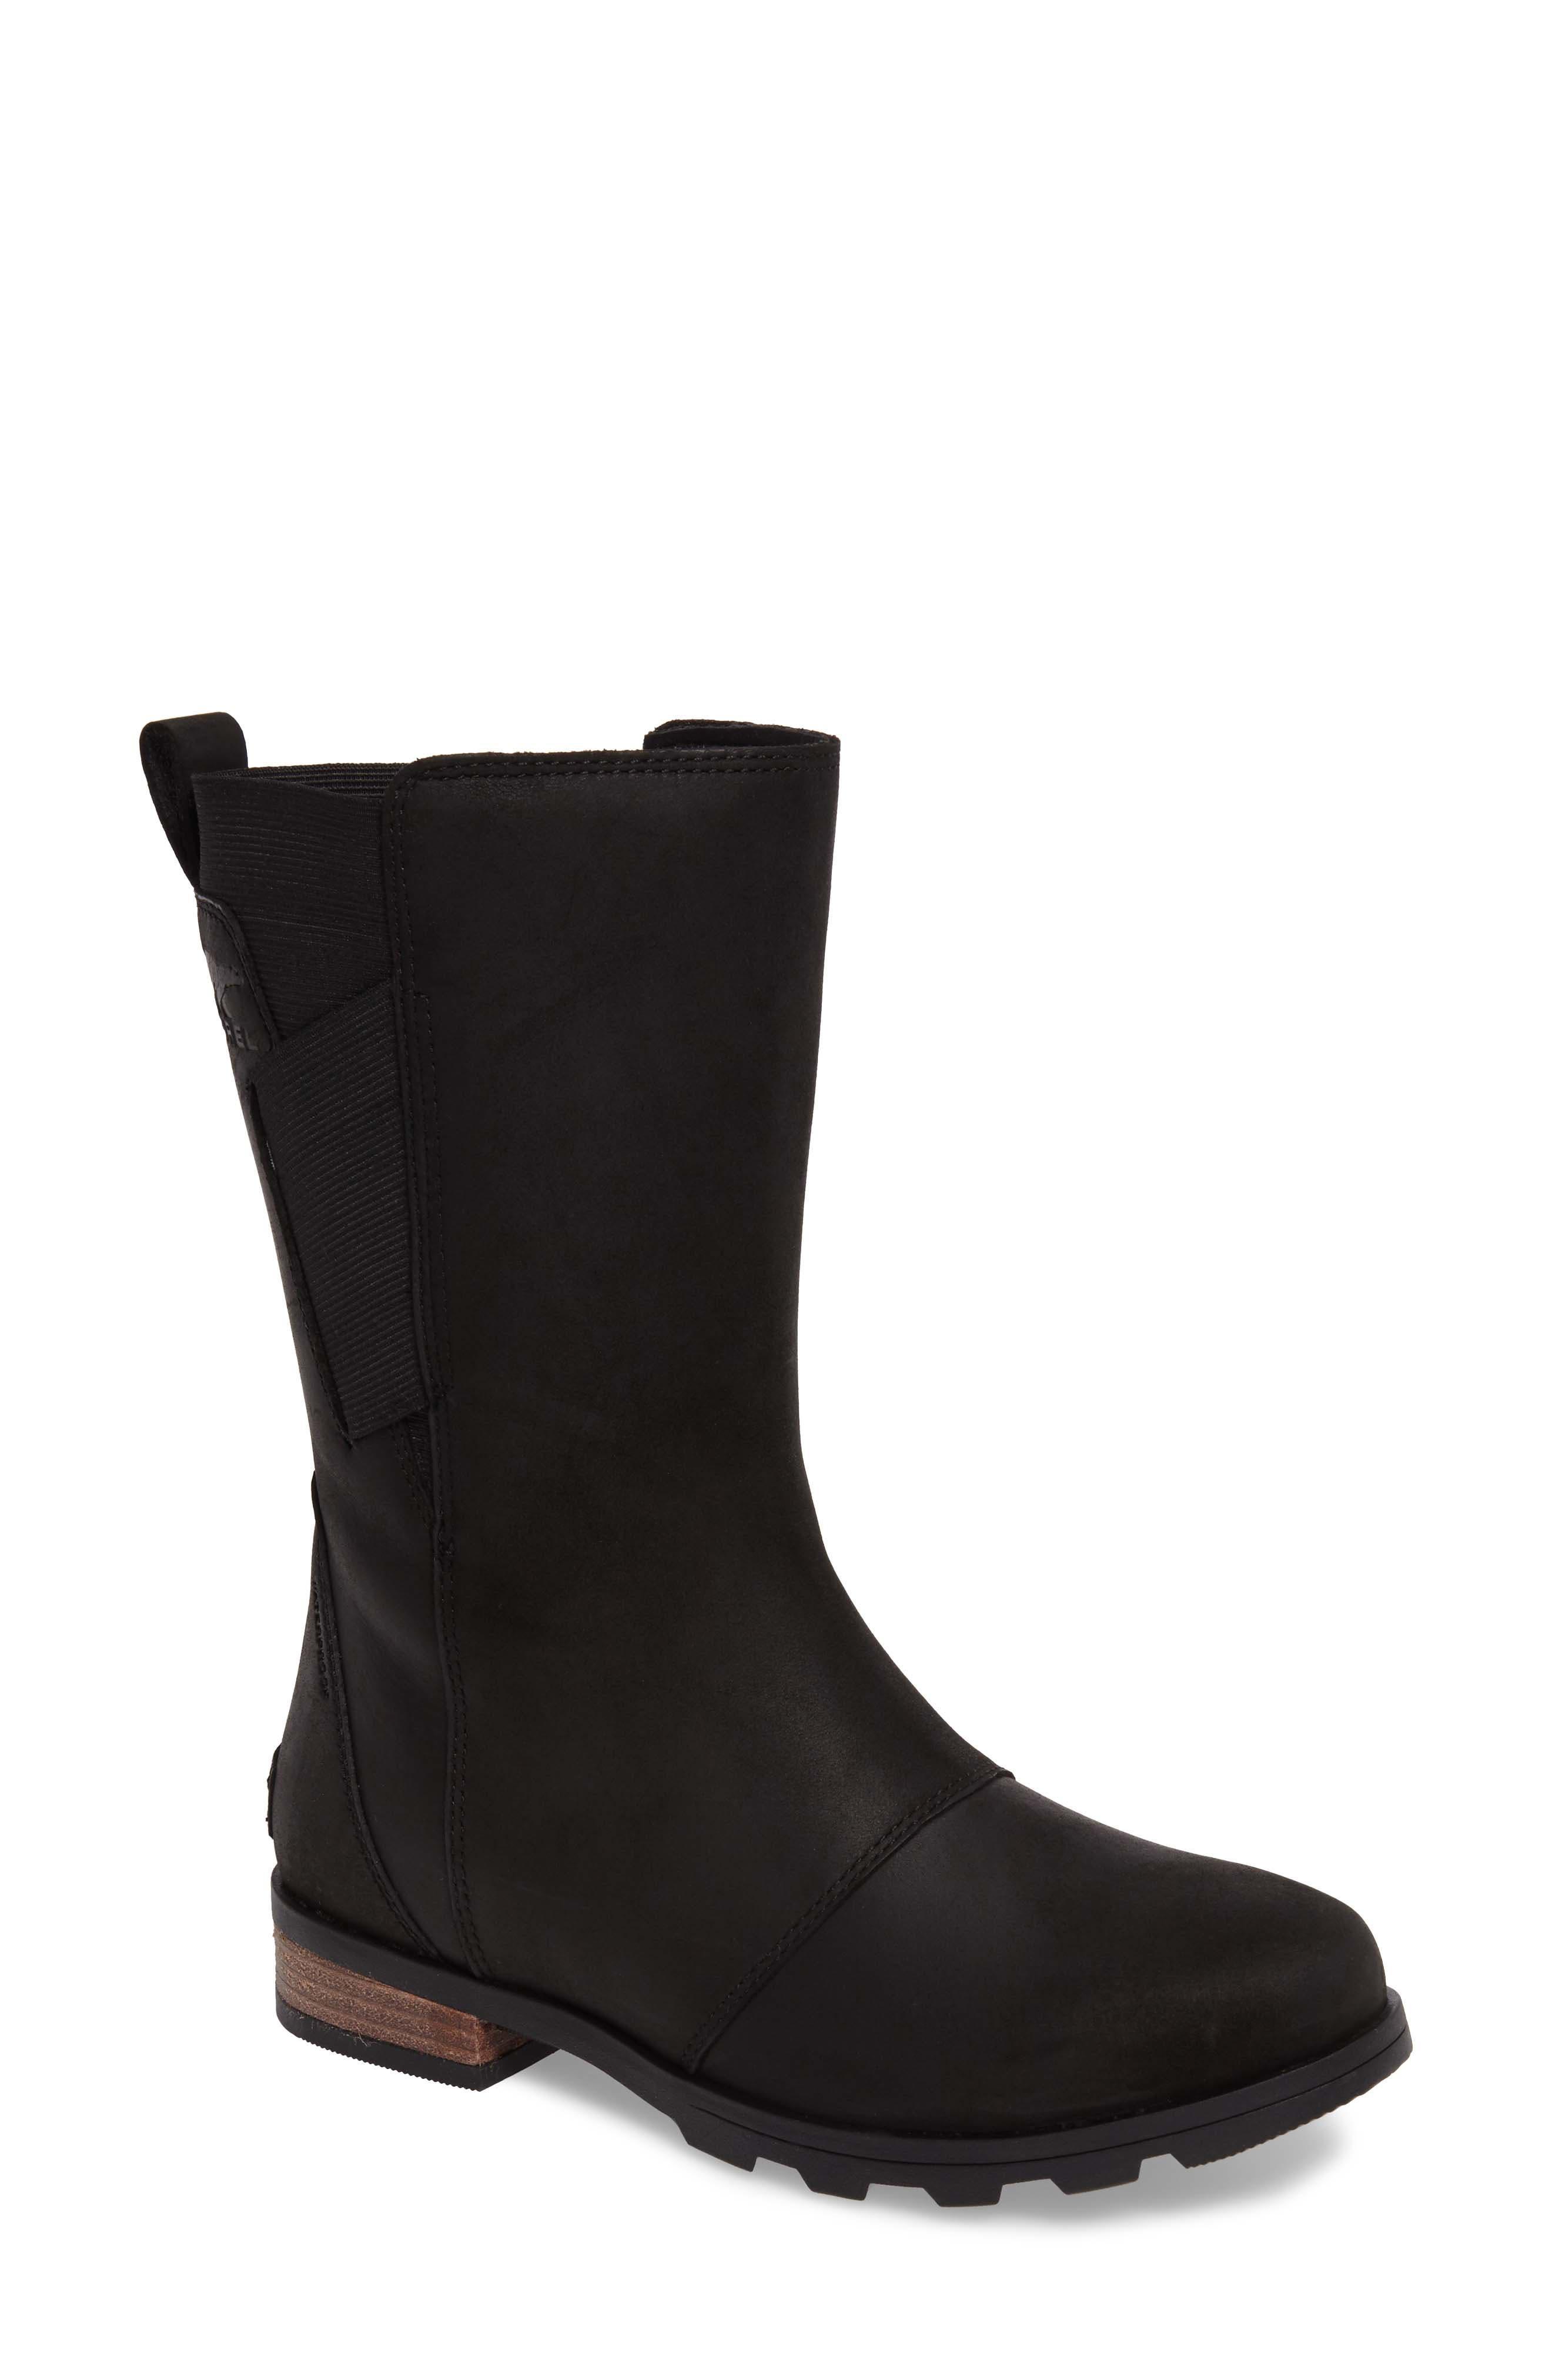 Emelie Waterproof Boot,                         Main,                         color, 010